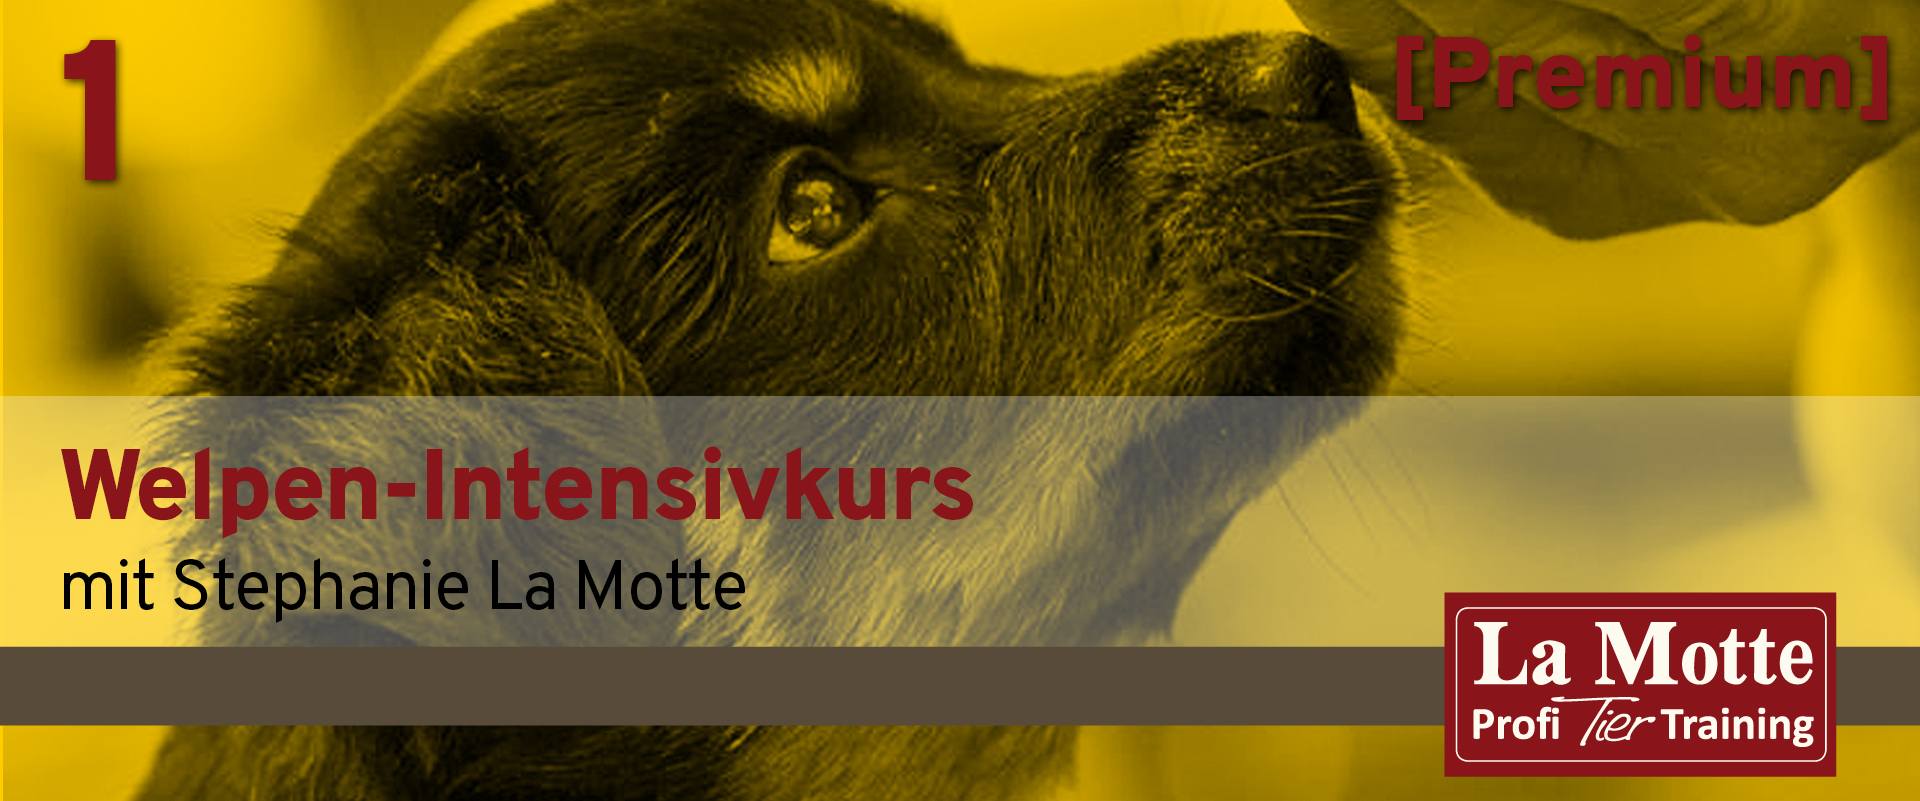 Welpen-Intensivkurs Teil 1 - 08.21 mit Stephanie La Motte (Premium)